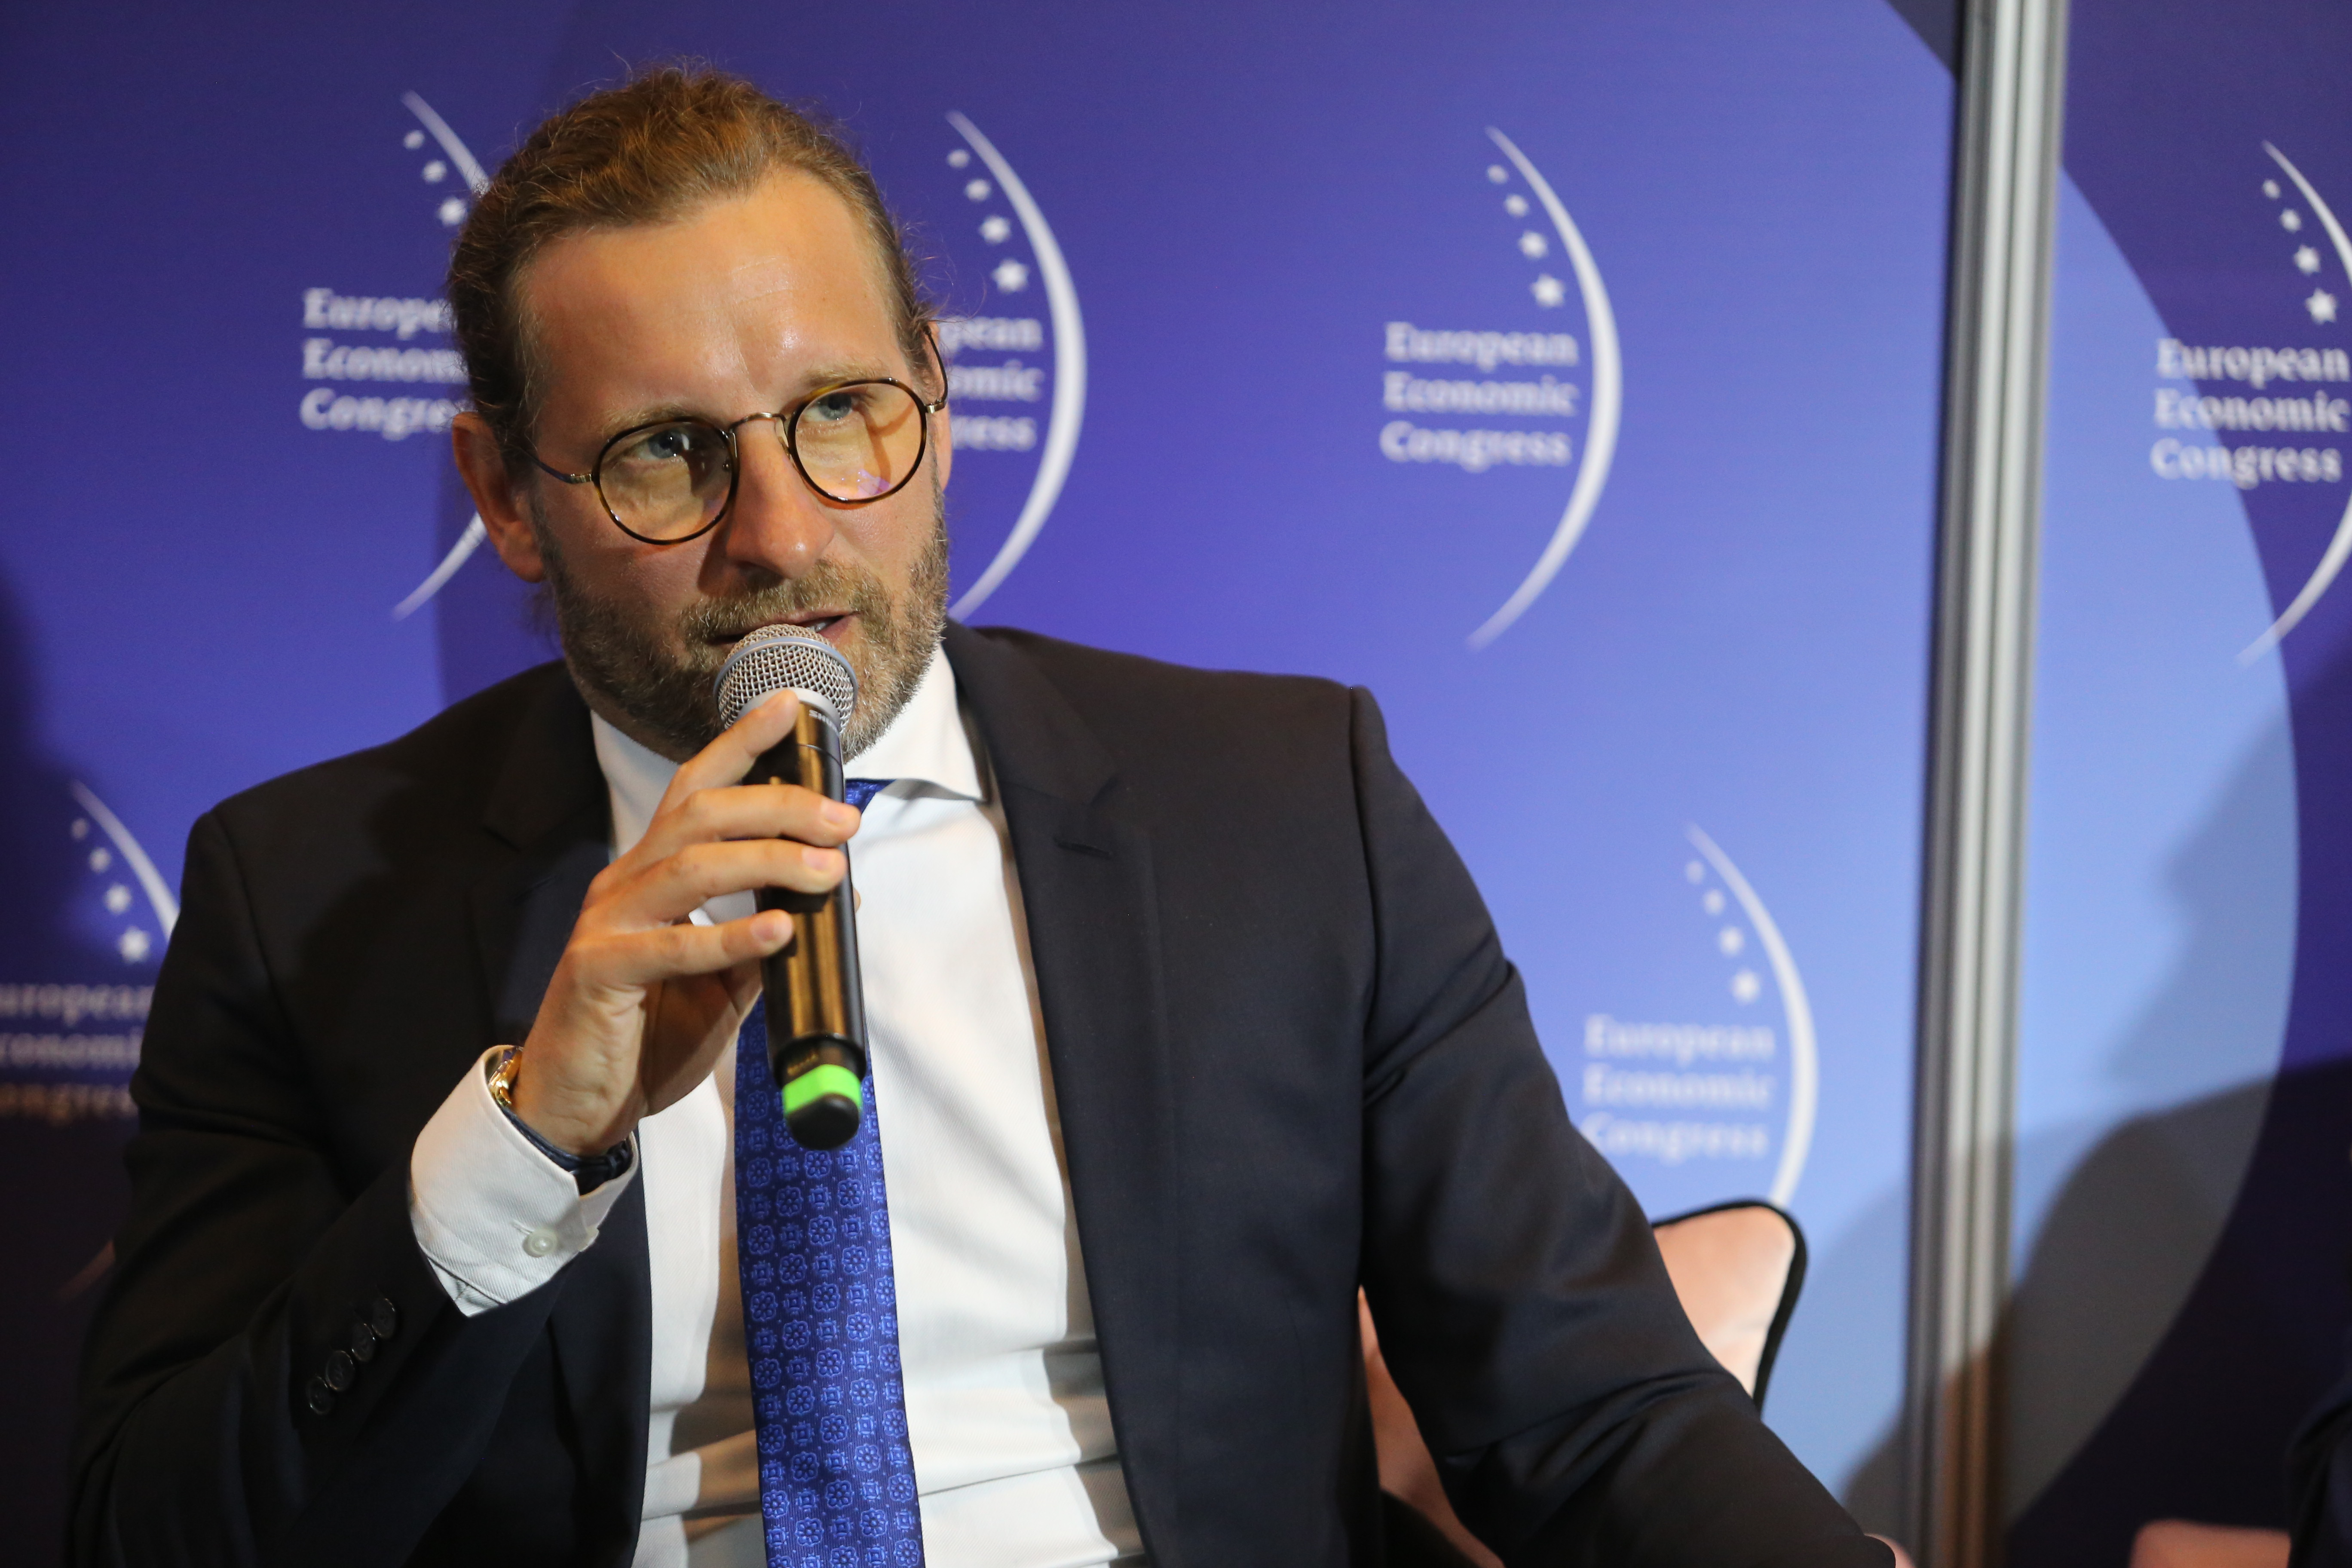 Kamil Kamiński, wiceprezes ds. klienta i wsparcia korporacyjnego w Tauron Polska (Fot. PTWP)